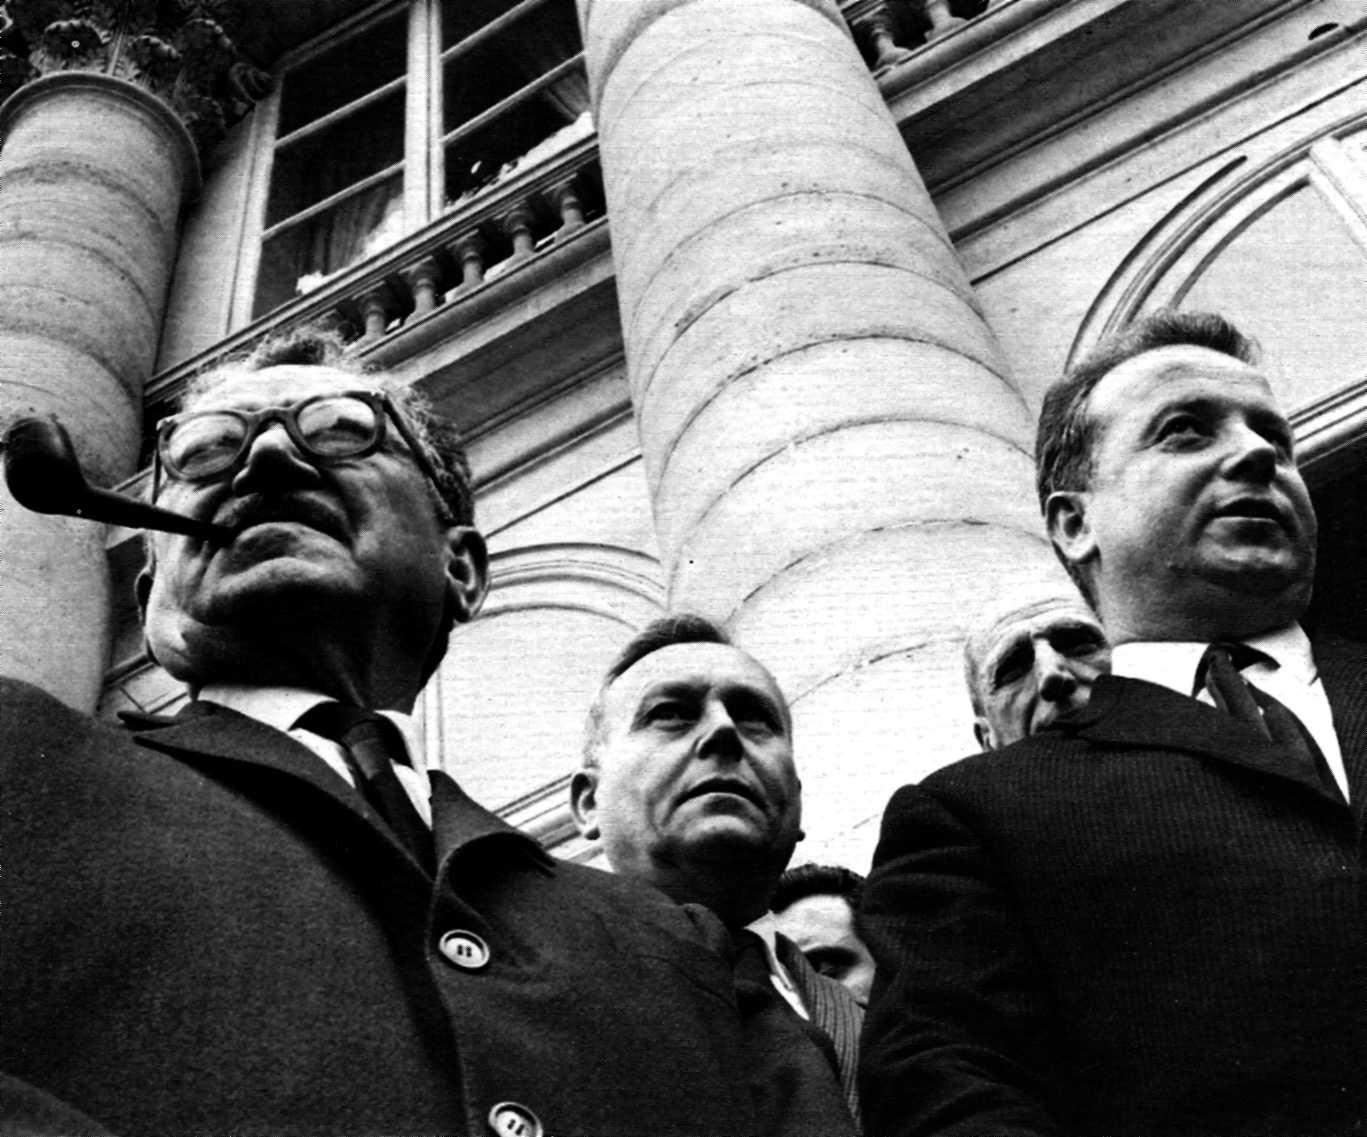 La plana major comunista durant la Conferència de Grenelle: Benoît Frachon (a l'esquerra) i Georges Séguy (a la dreta)